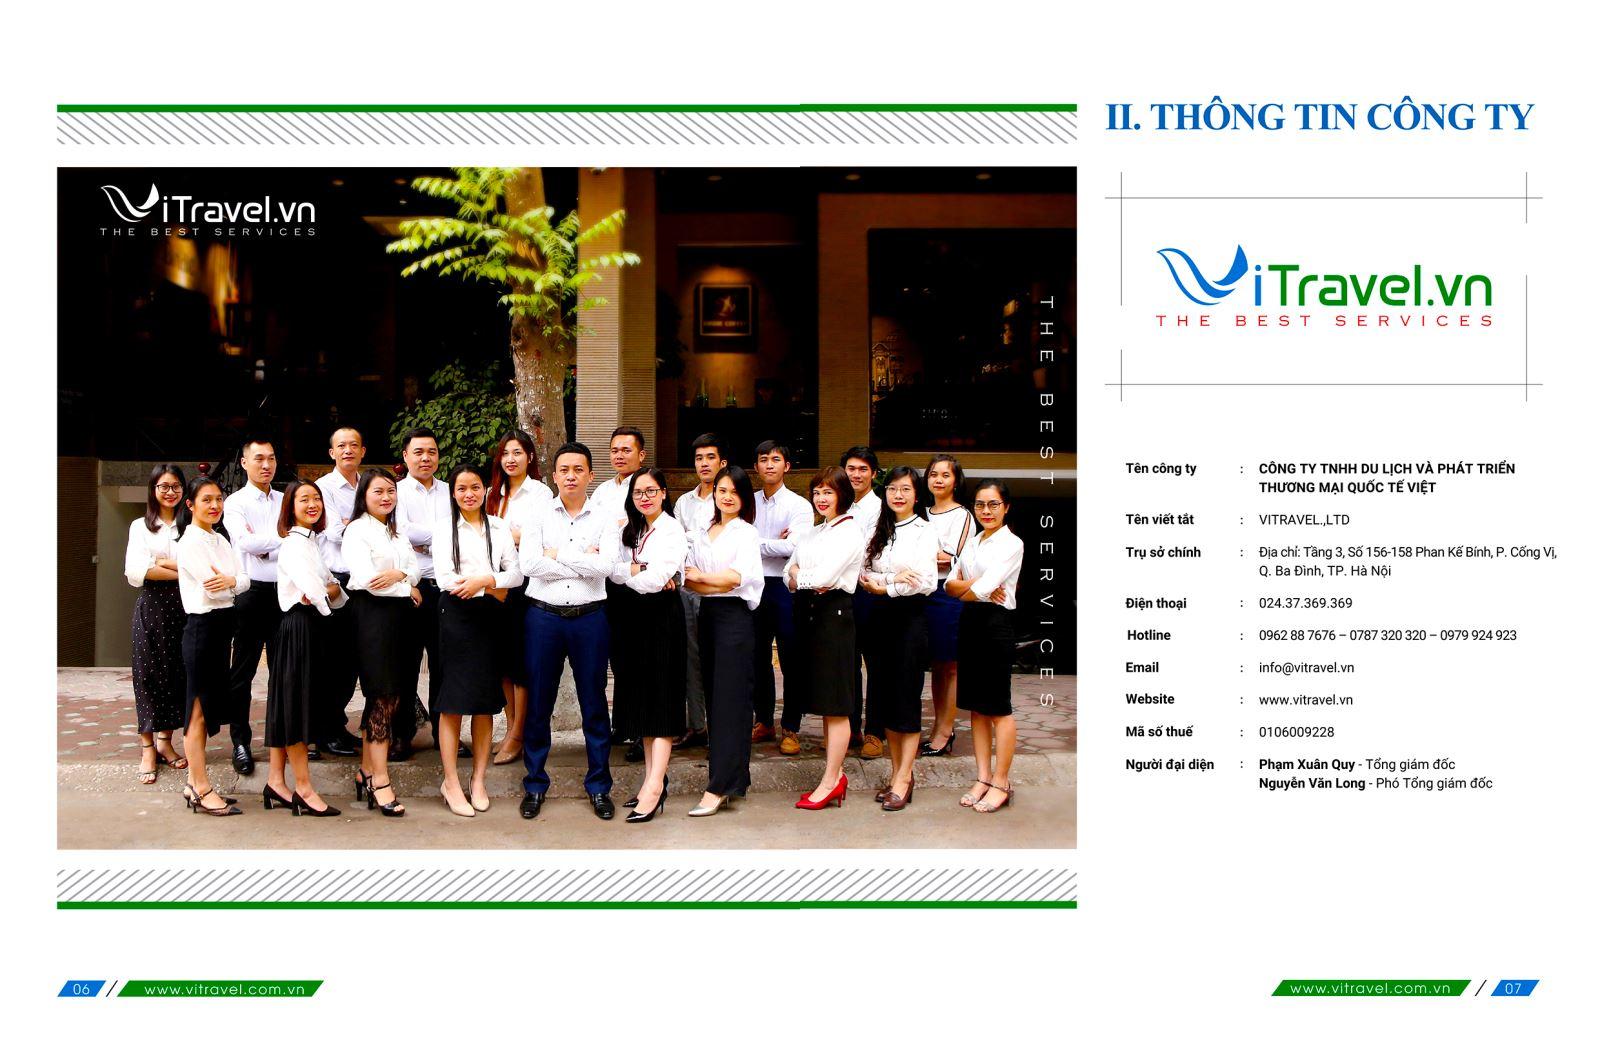 Nhà tổ chức Tour du lịch nội địa và quốc tế uy tín hàng đầu Việt Nam